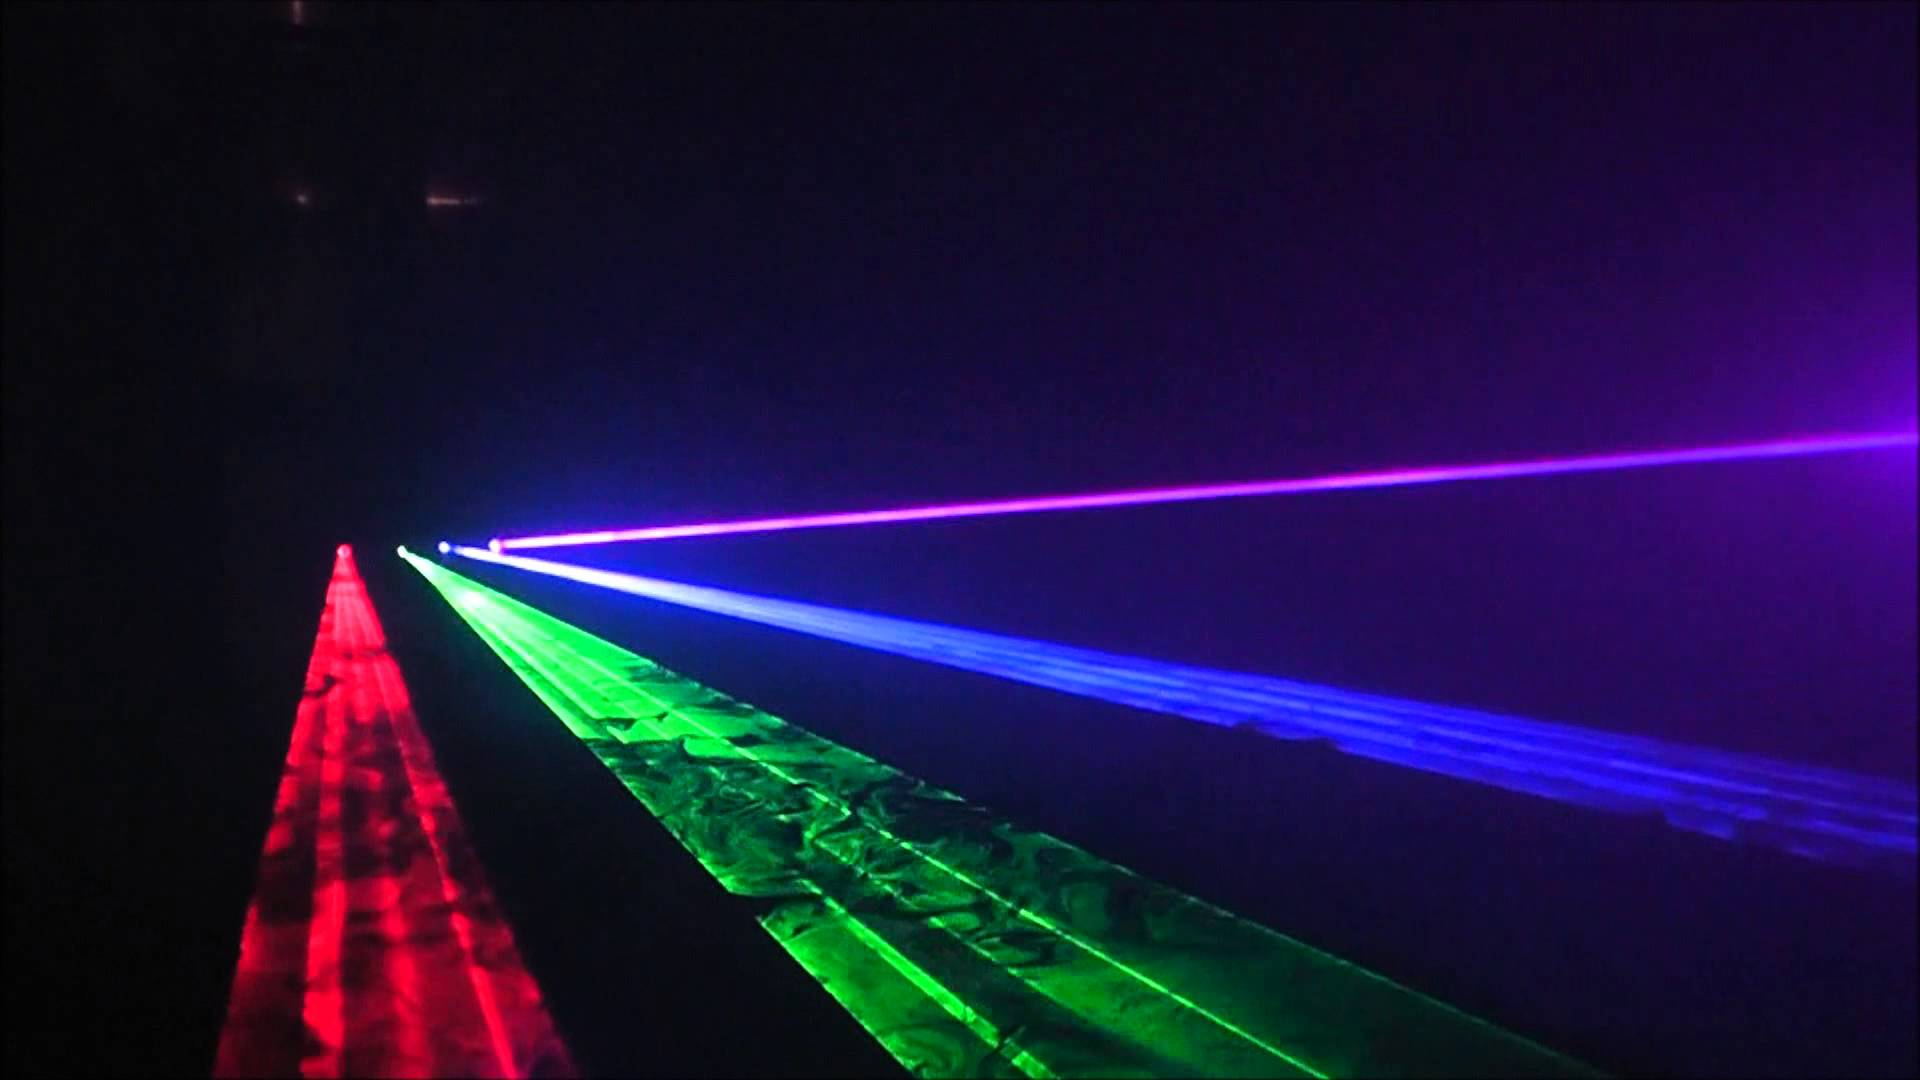 4 tia sáng với 4 màu sắc khác nhau vô cùng mạnh mẽ